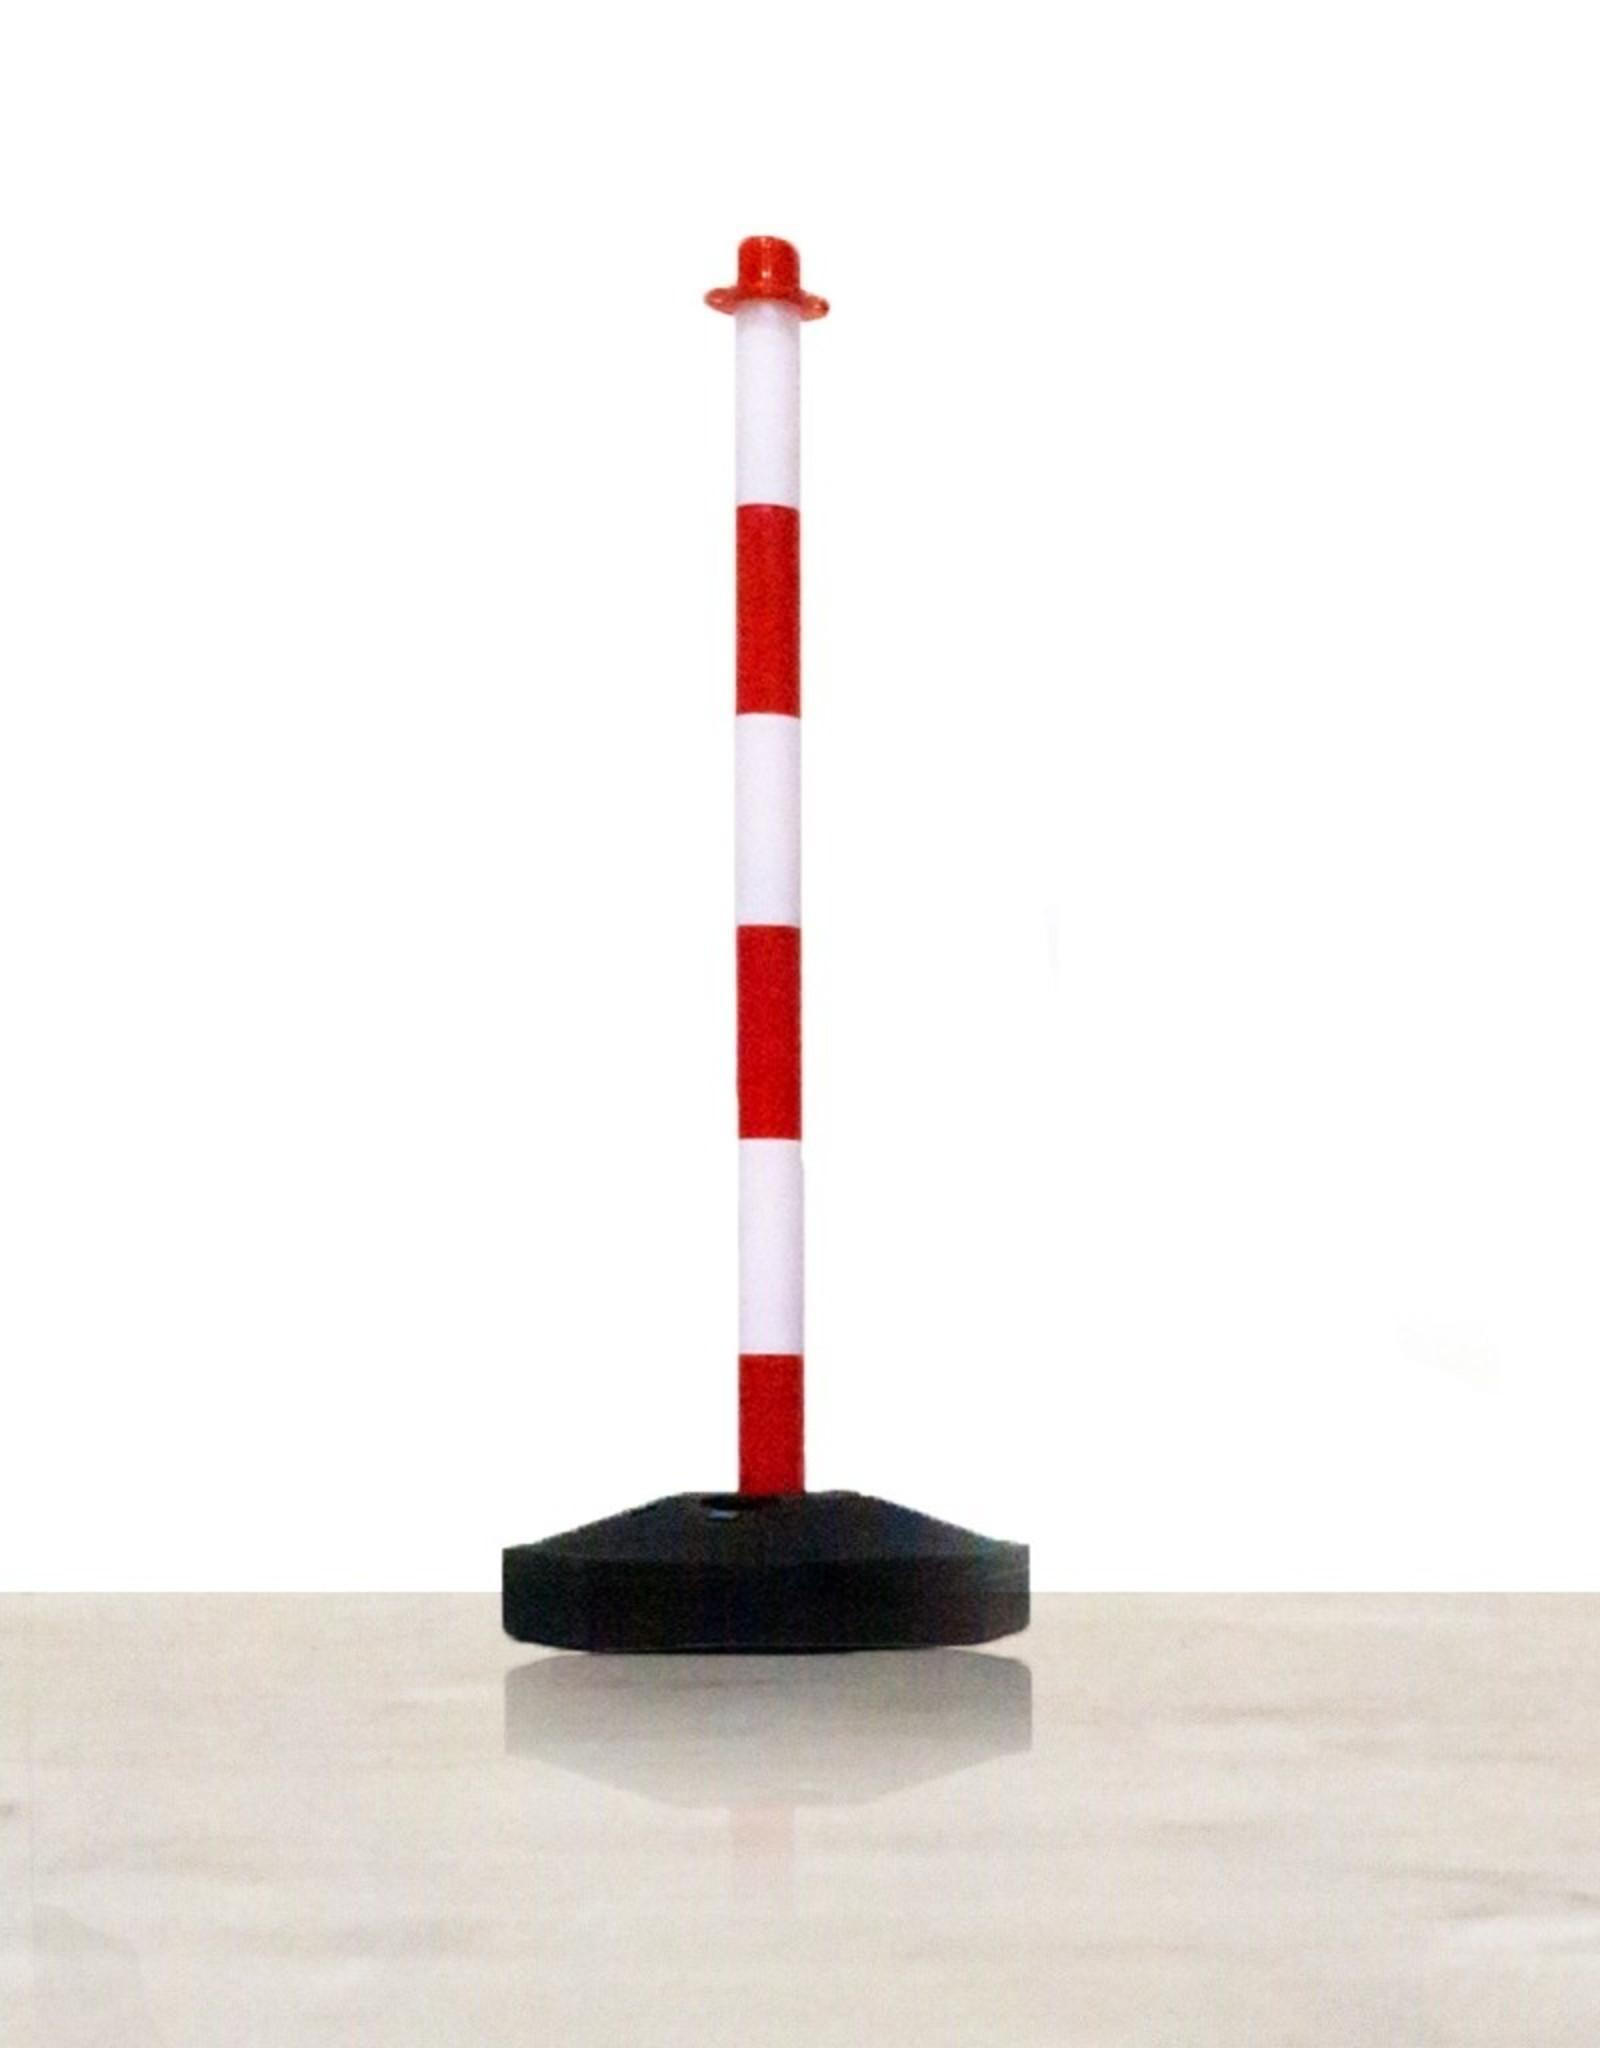 Ri-Traffic | Kettingpalen Set 6 stuks, 12 stuks & 24 stuks (rood-wit)